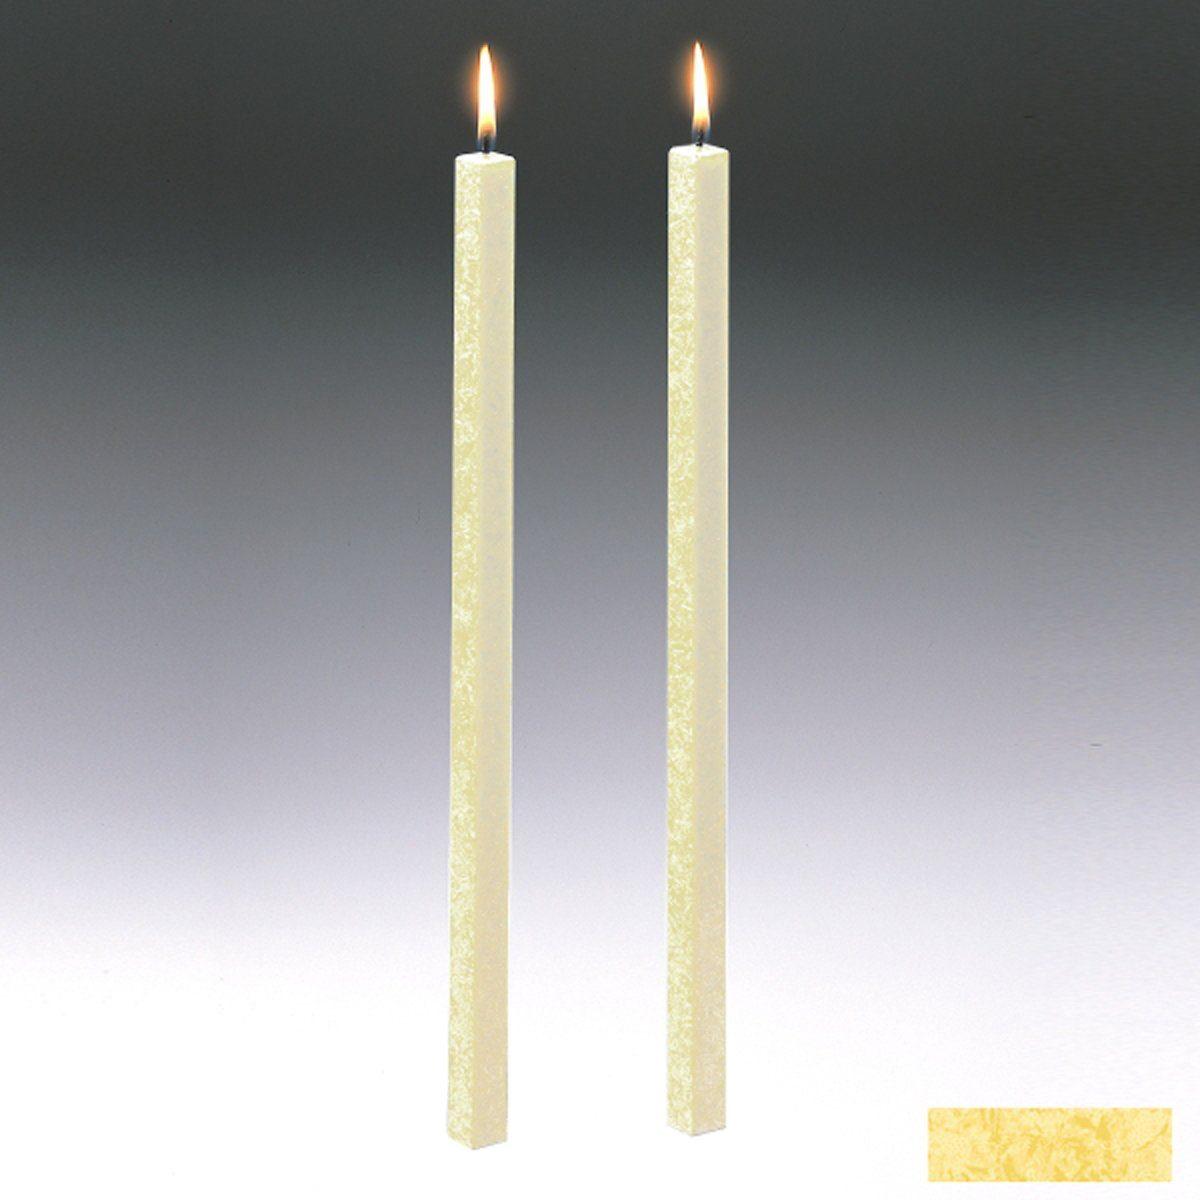 Amabiente Amabiente Kerze CLASSIC Vanille 40cm - 2er Set